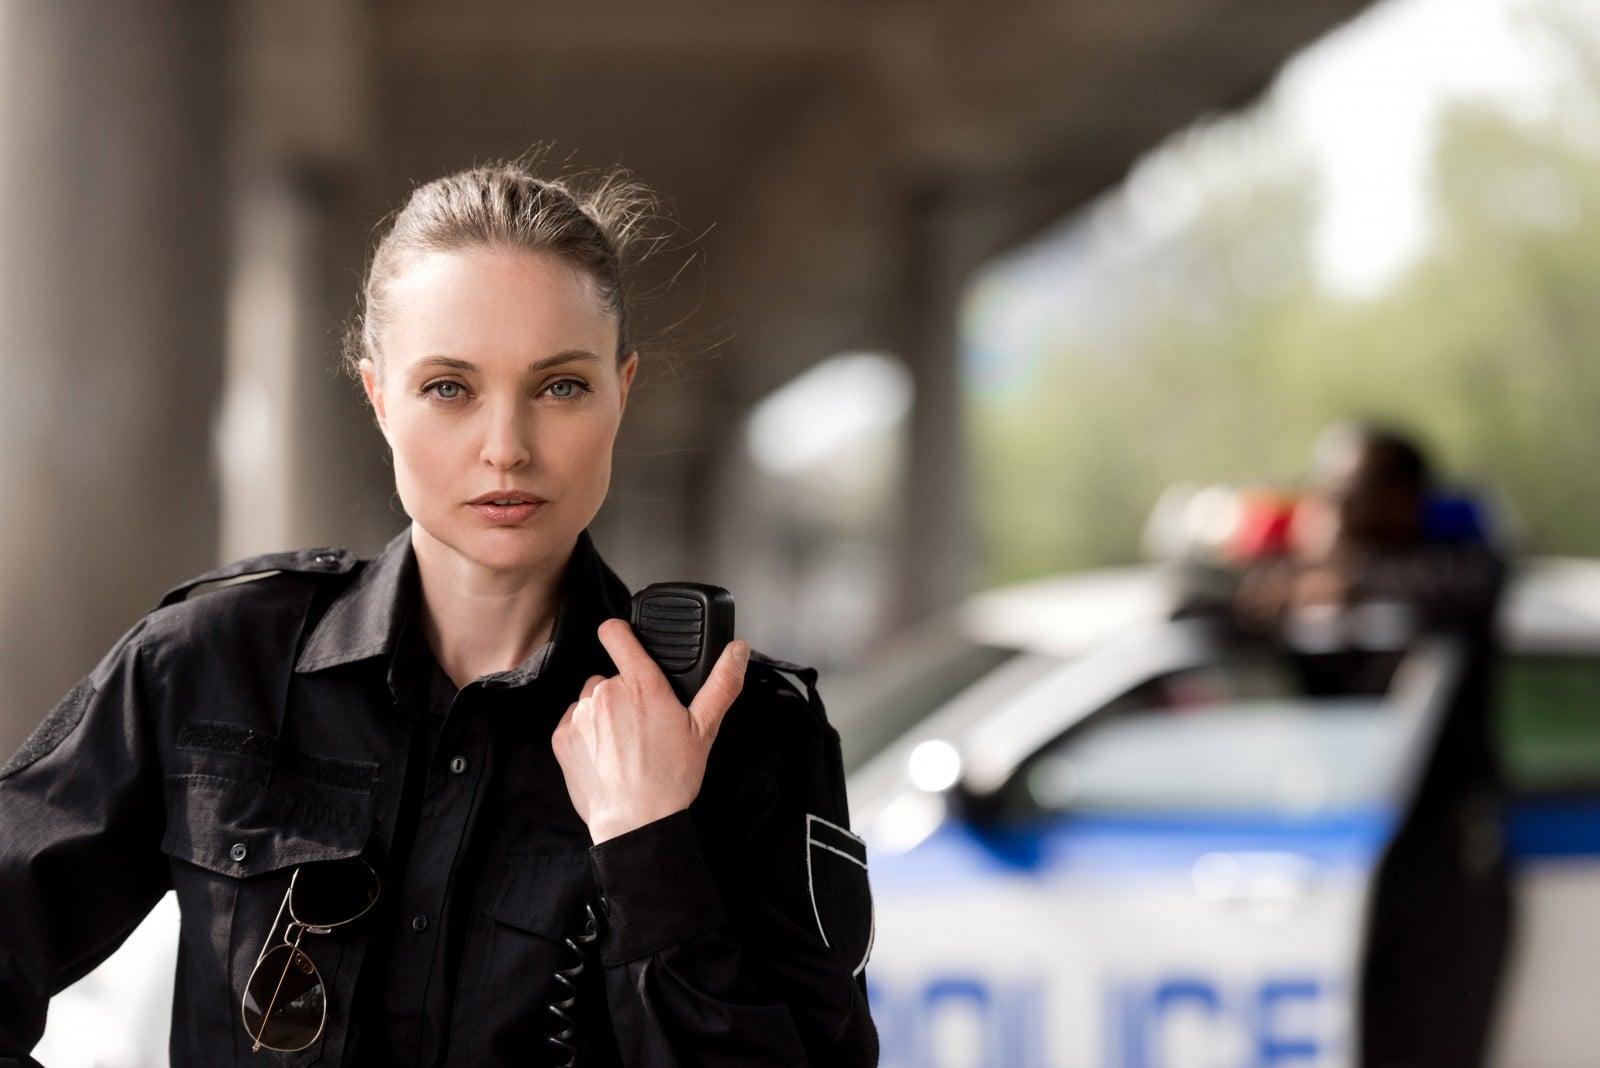 Работа в полиции чита для девушек модели фитнес бикини